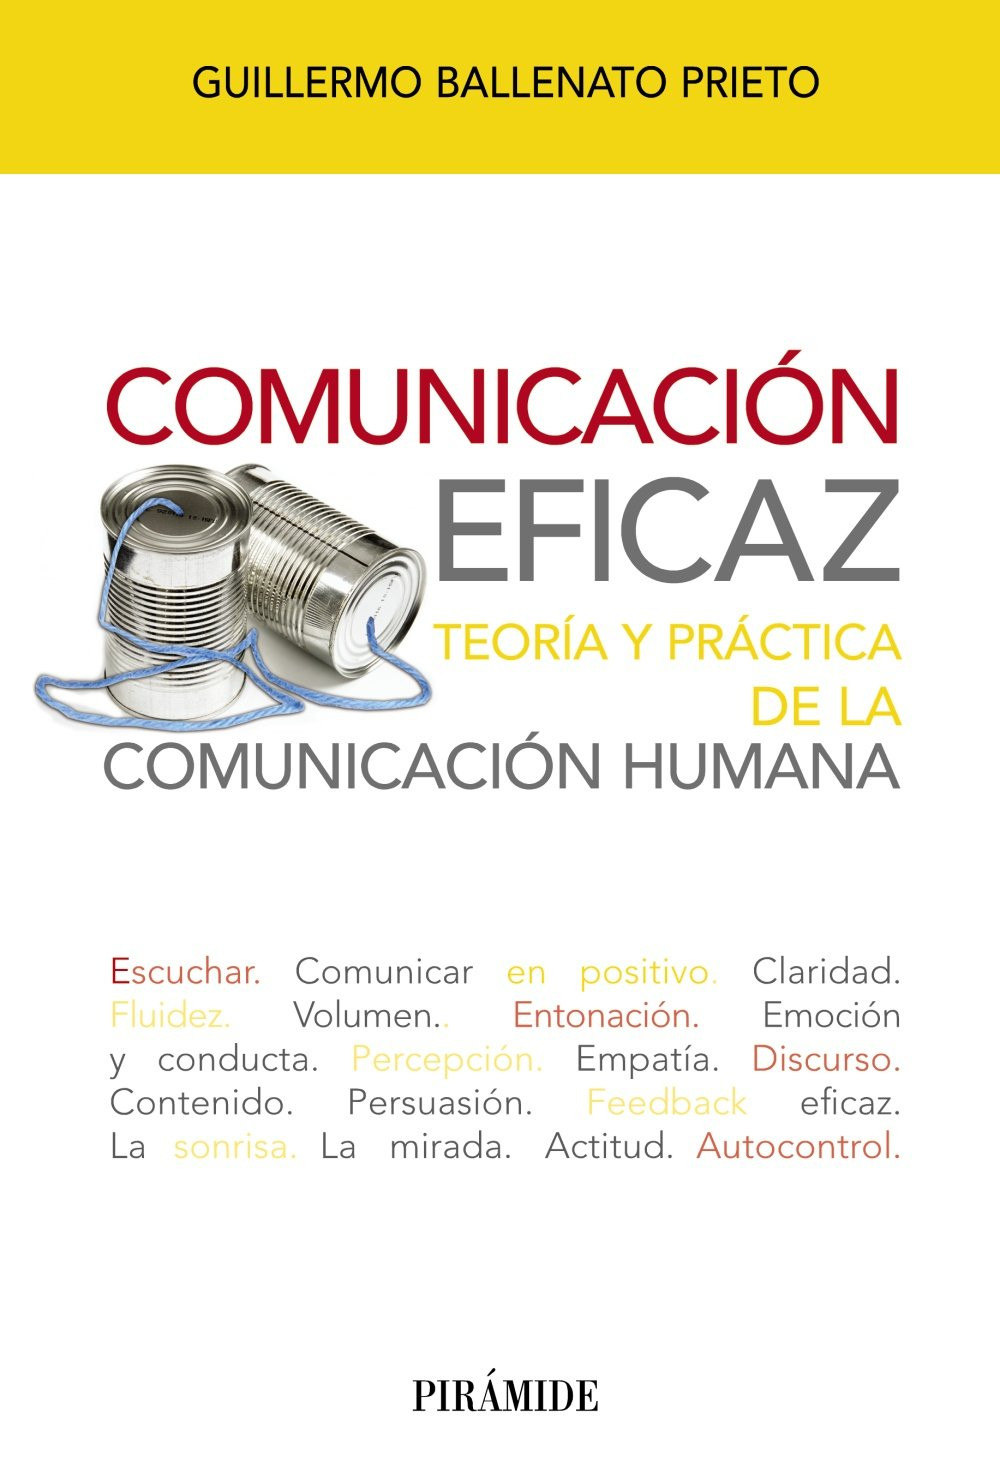 Comunicación eficaz: Teoría y práctica de la comunicación humana